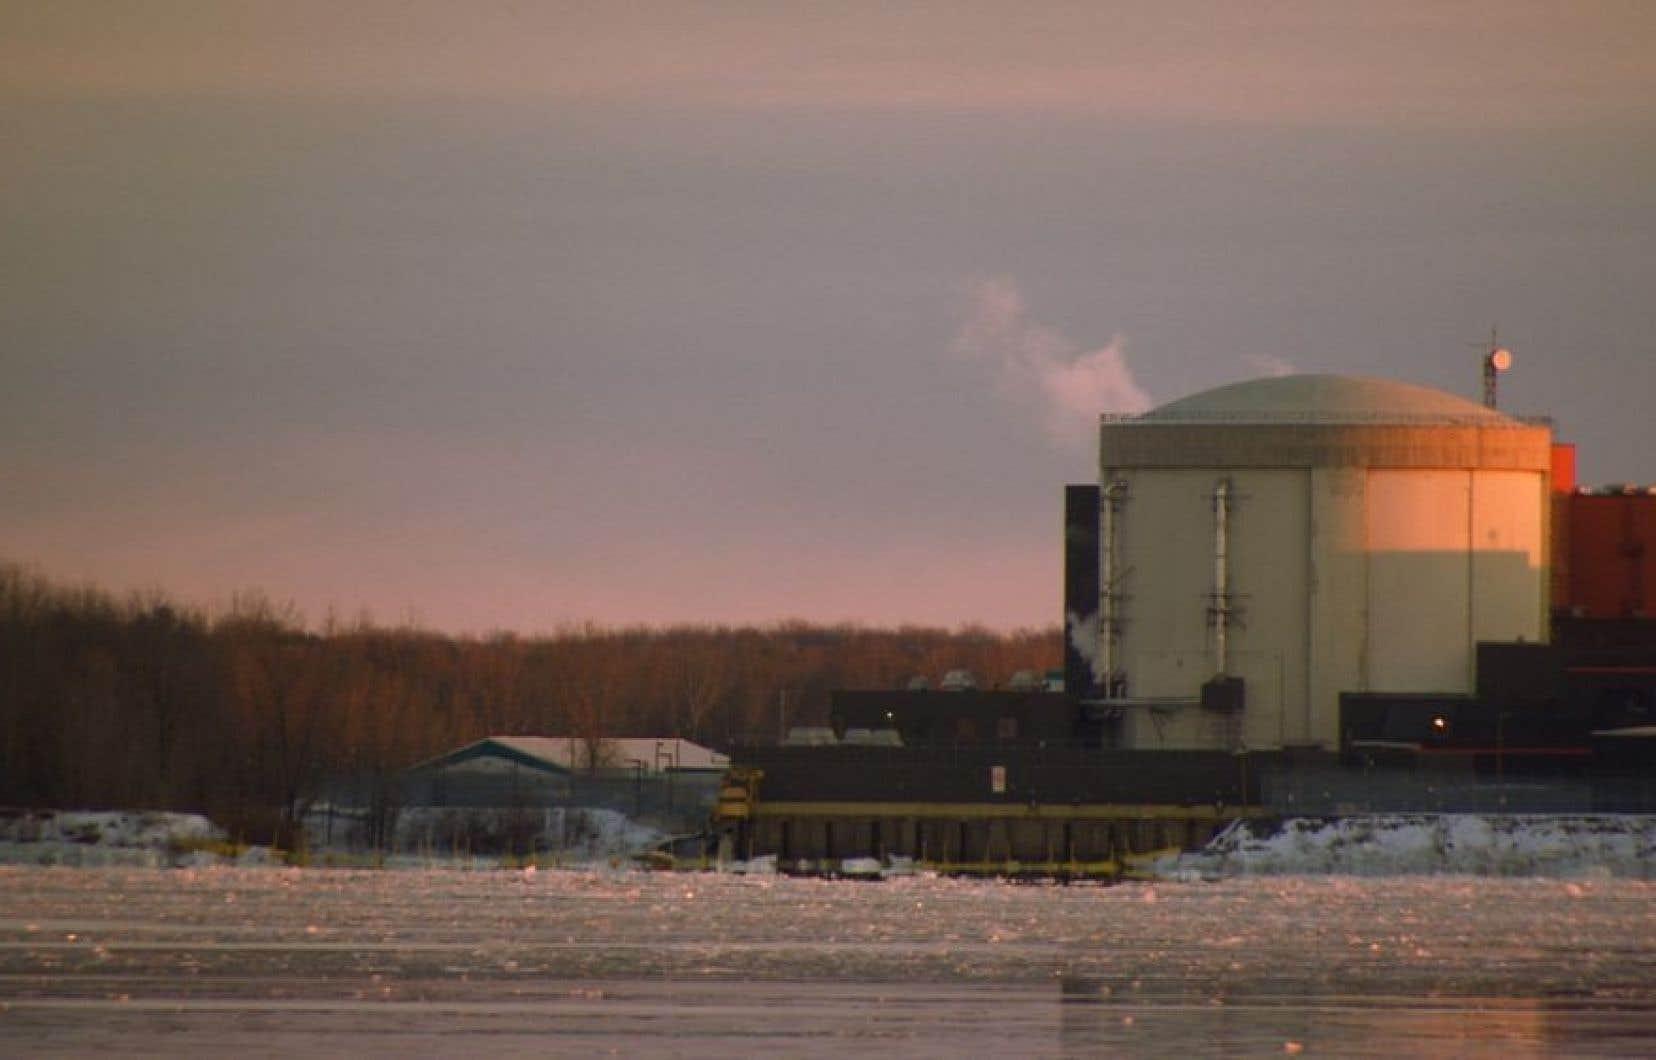 La Commission canadienne de sûreté nucléaire a indiqué de son côté qu'il appartenait à Hydro-Québec de définir le calendrier du démantèlement de Gentilly-2.